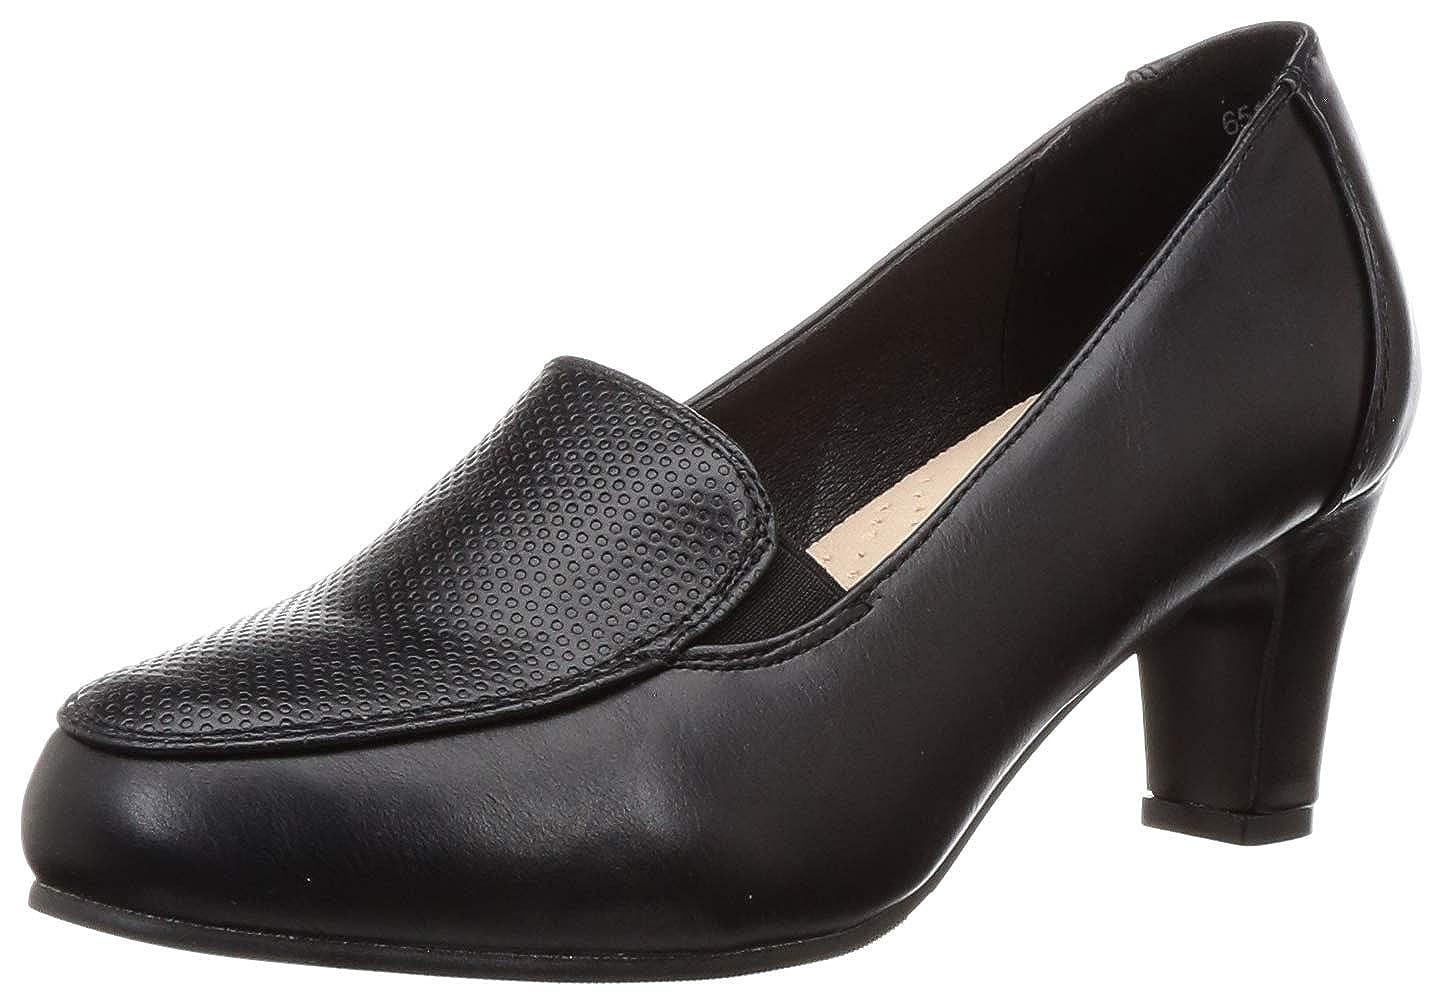 Buy BATA Women's Valene Black Pumps-6